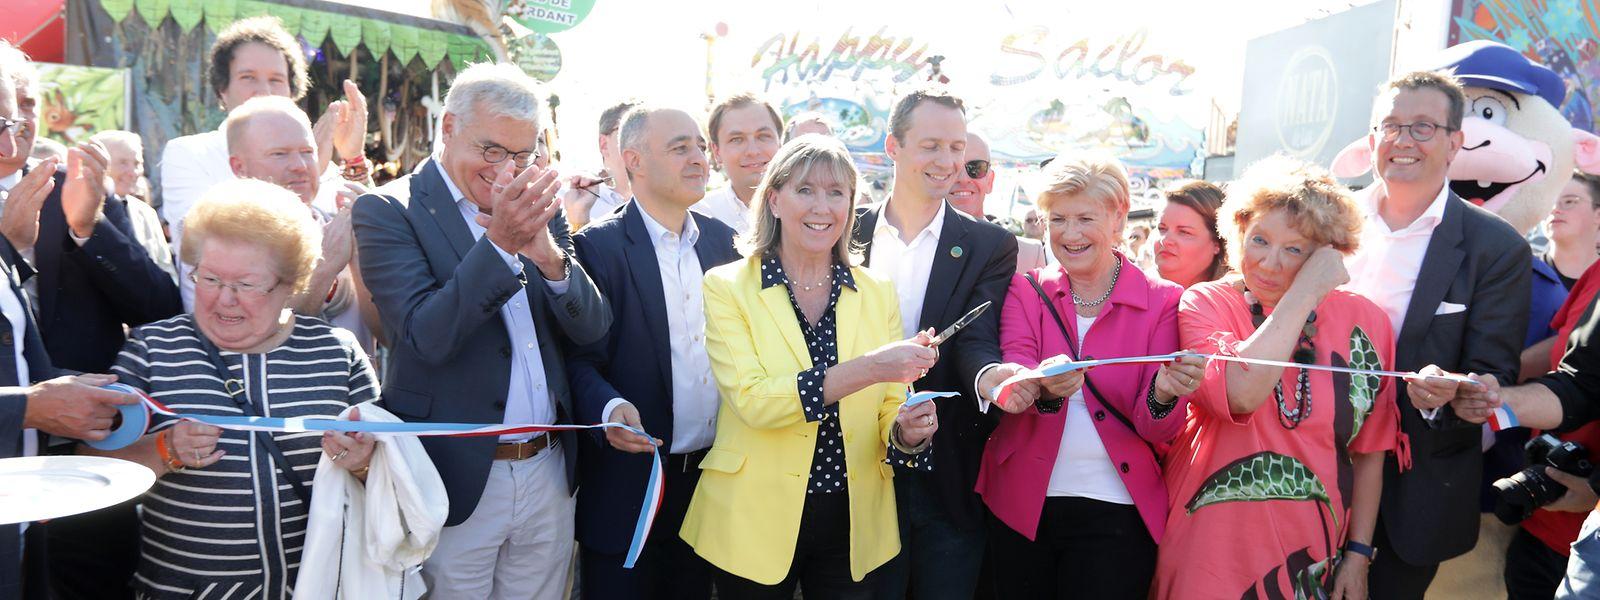 Bürgermeisterin Lydie Polfer durchtrennte um 17 Uhr das Tricolorebändchen.